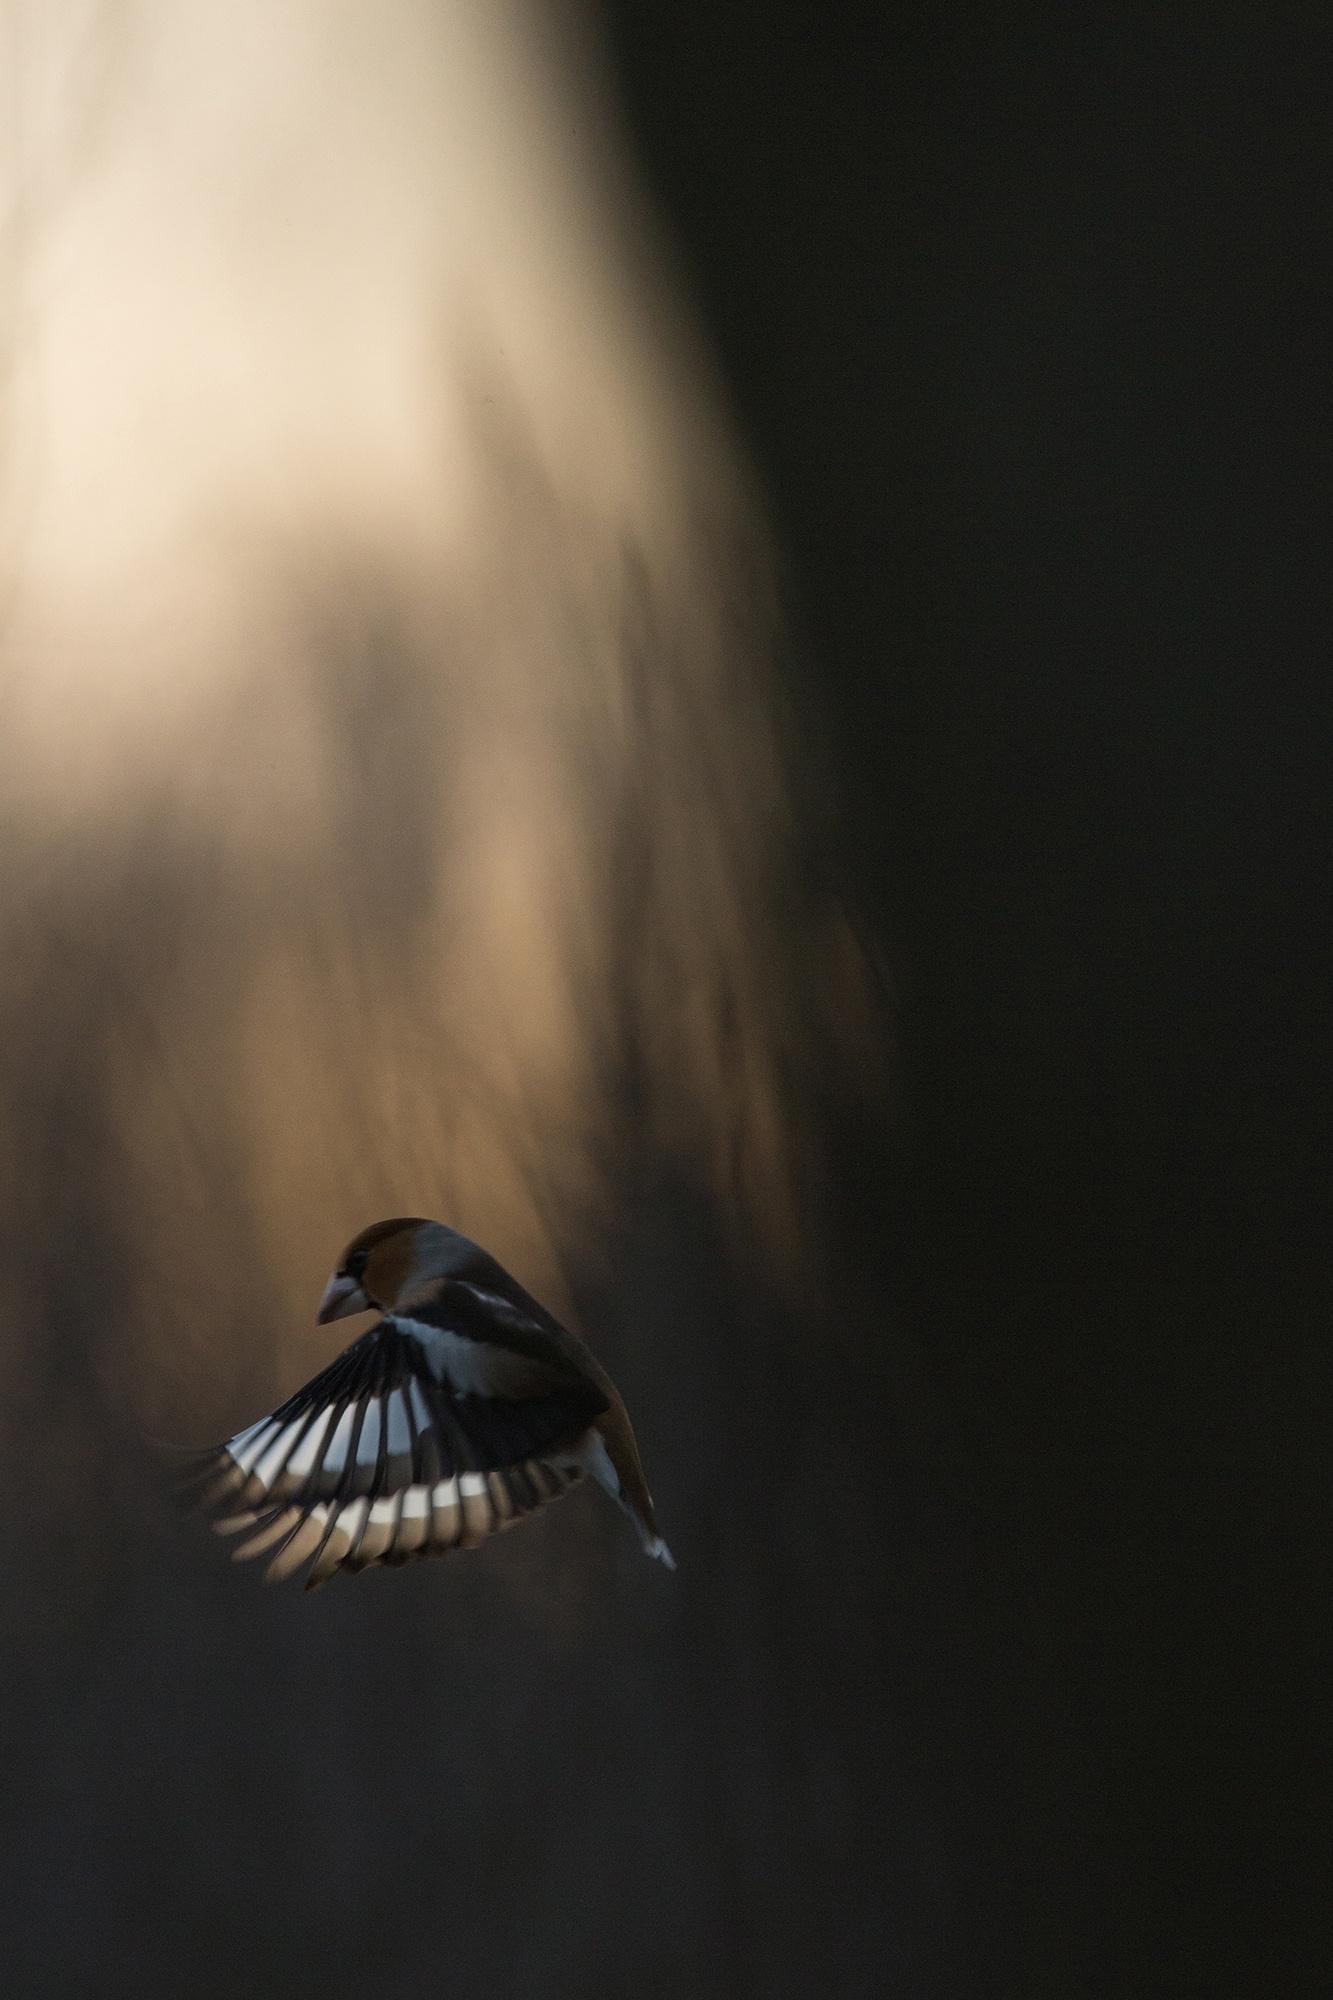 Hawfinch by Håkan Liljenberg